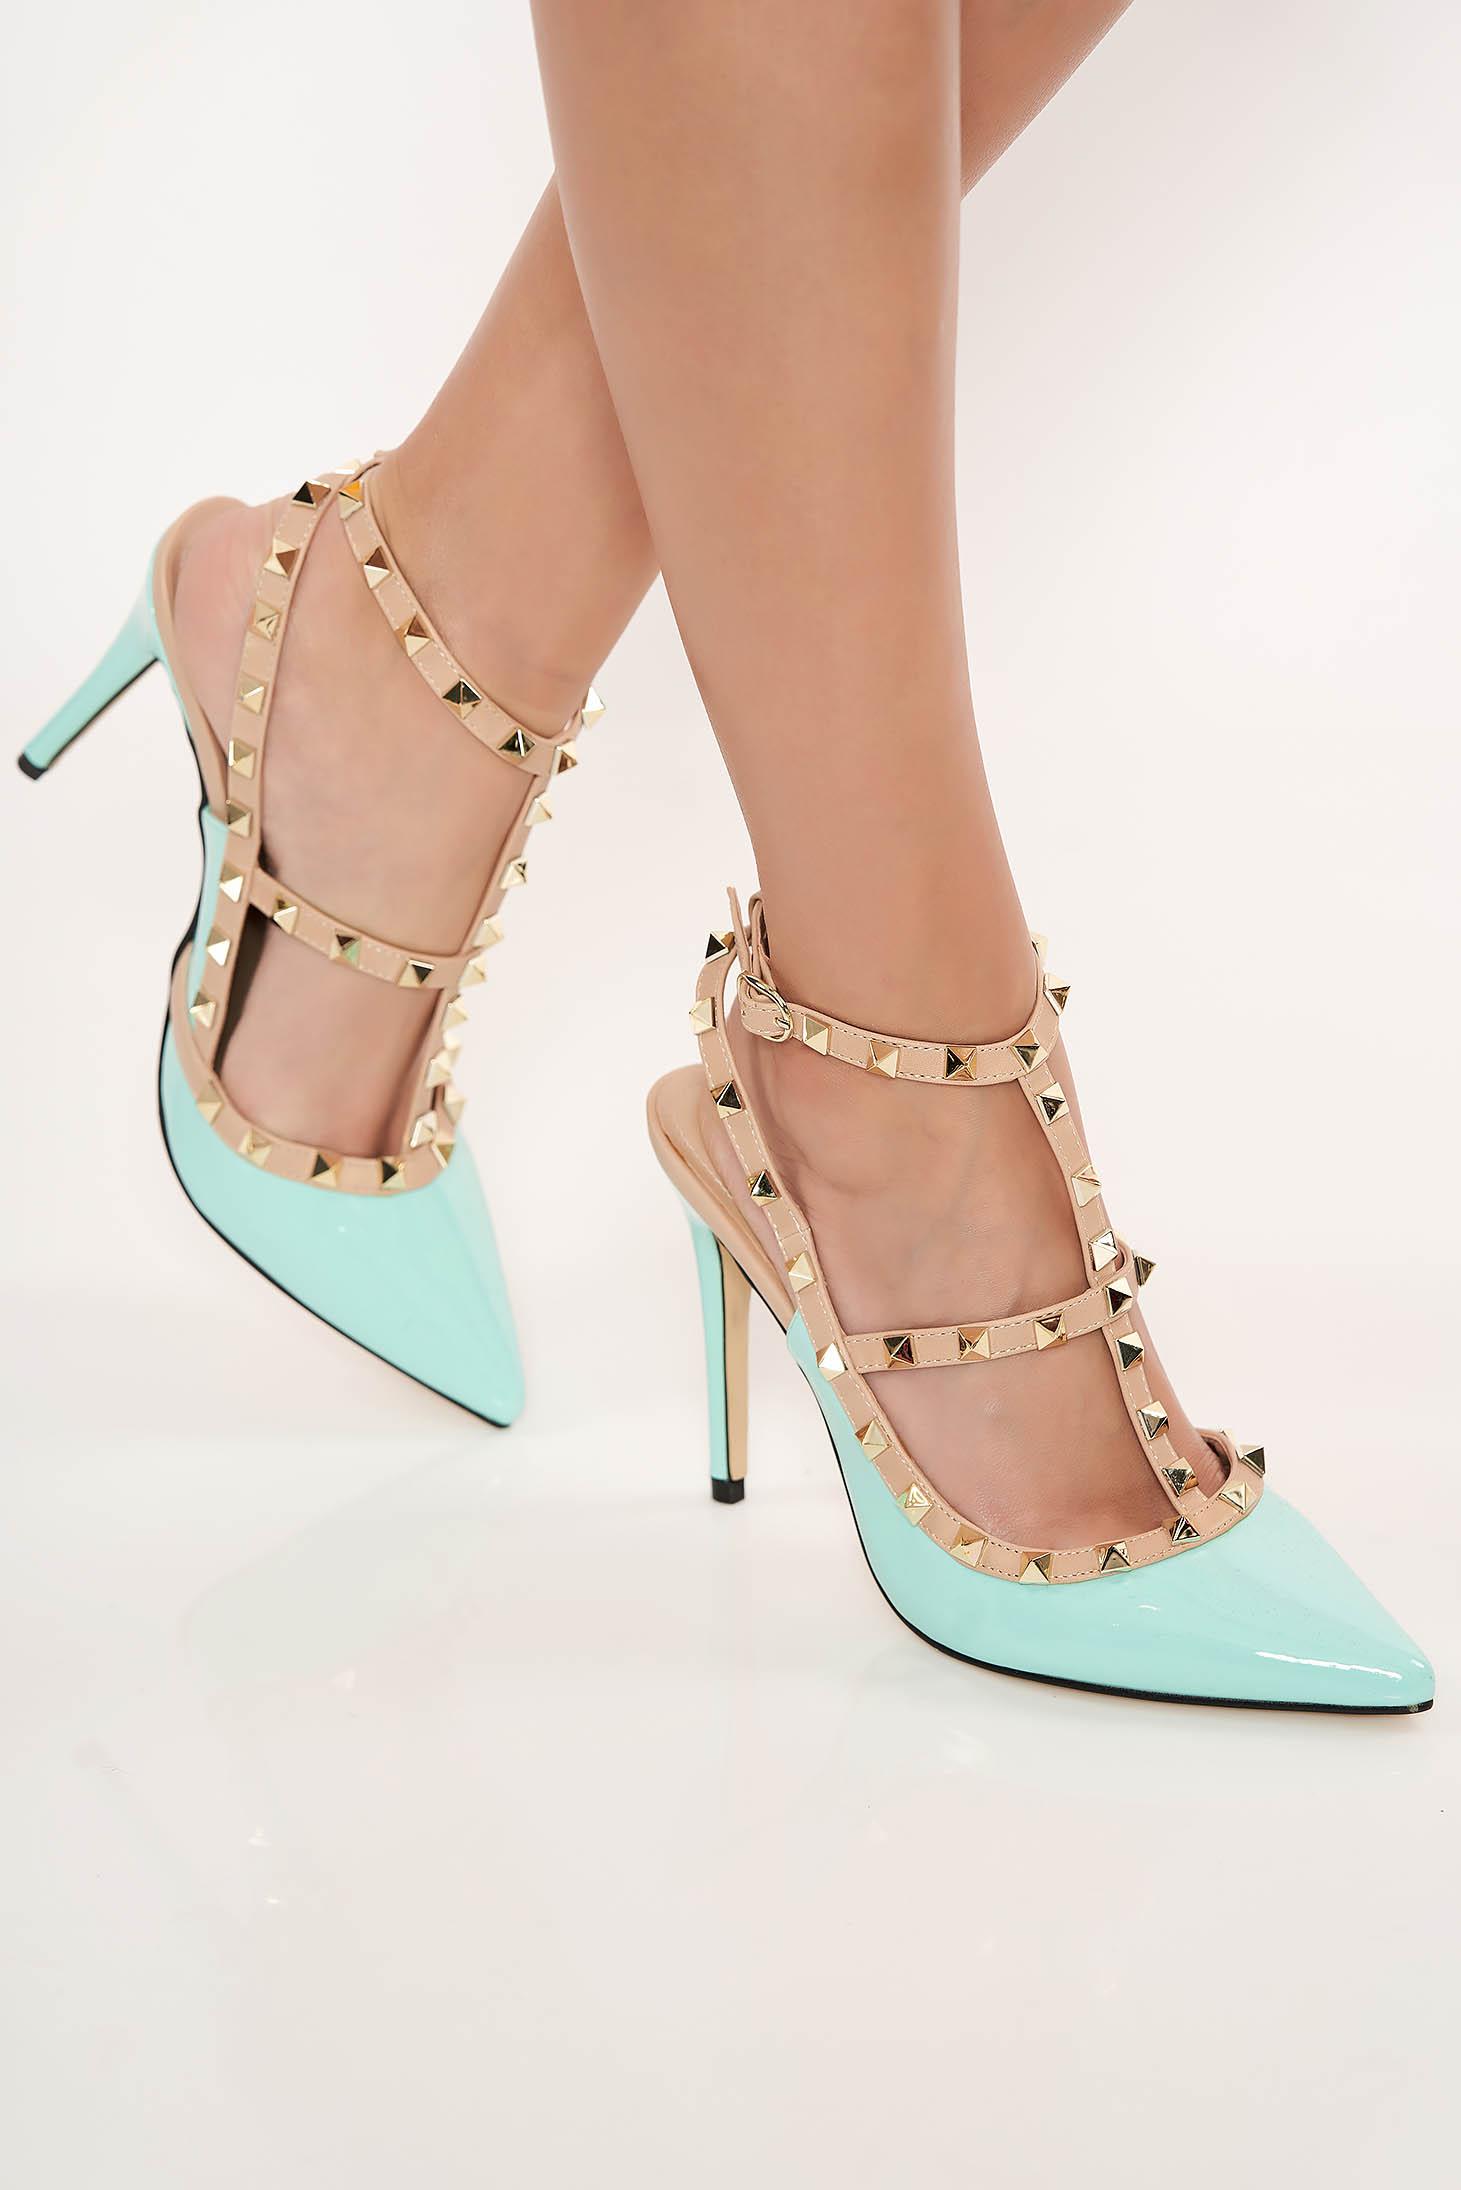 Pantofi stiletto mint eleganti din piele ecologica lacuita cu toc inalt si tinte metalice